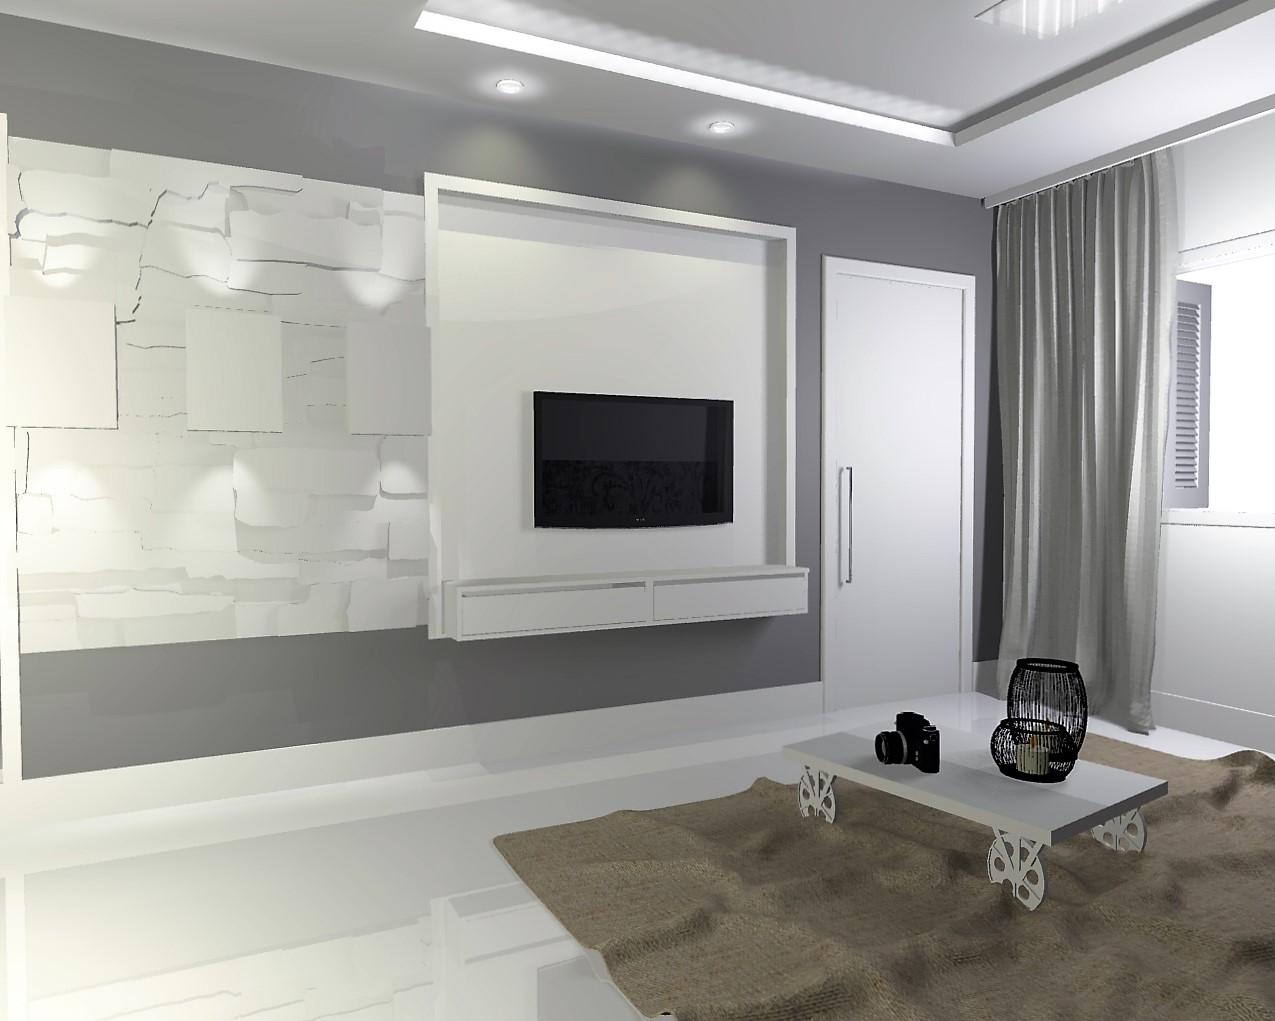 #595144 sala sala decorada pequena decoração de sala de estar pequena sofa 1275x1021 píxeis em Decoração De Sala De Estar Branco E Preto